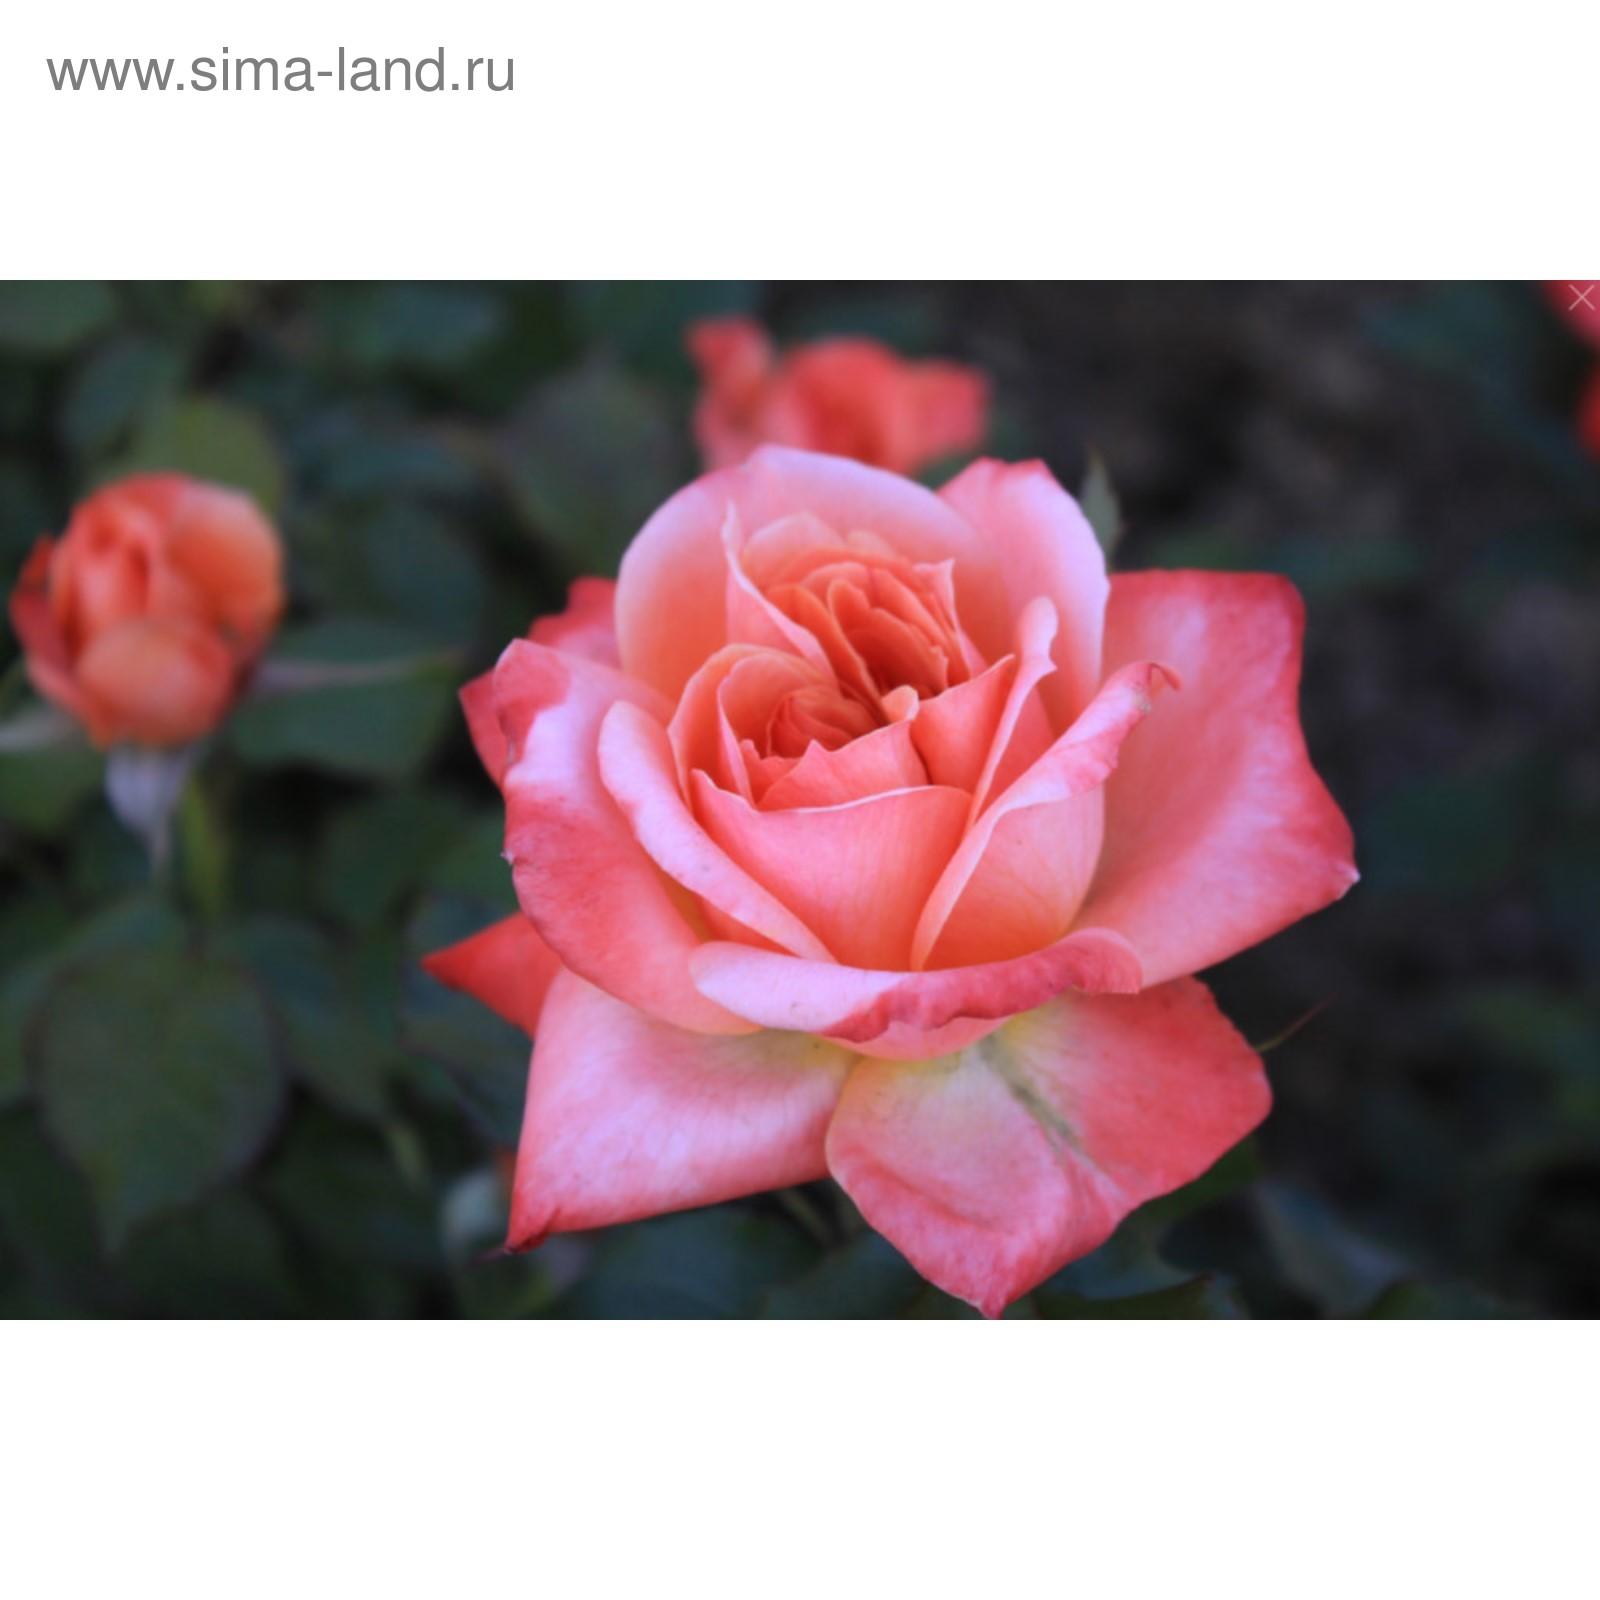 каждую роза данте фото насколько разными